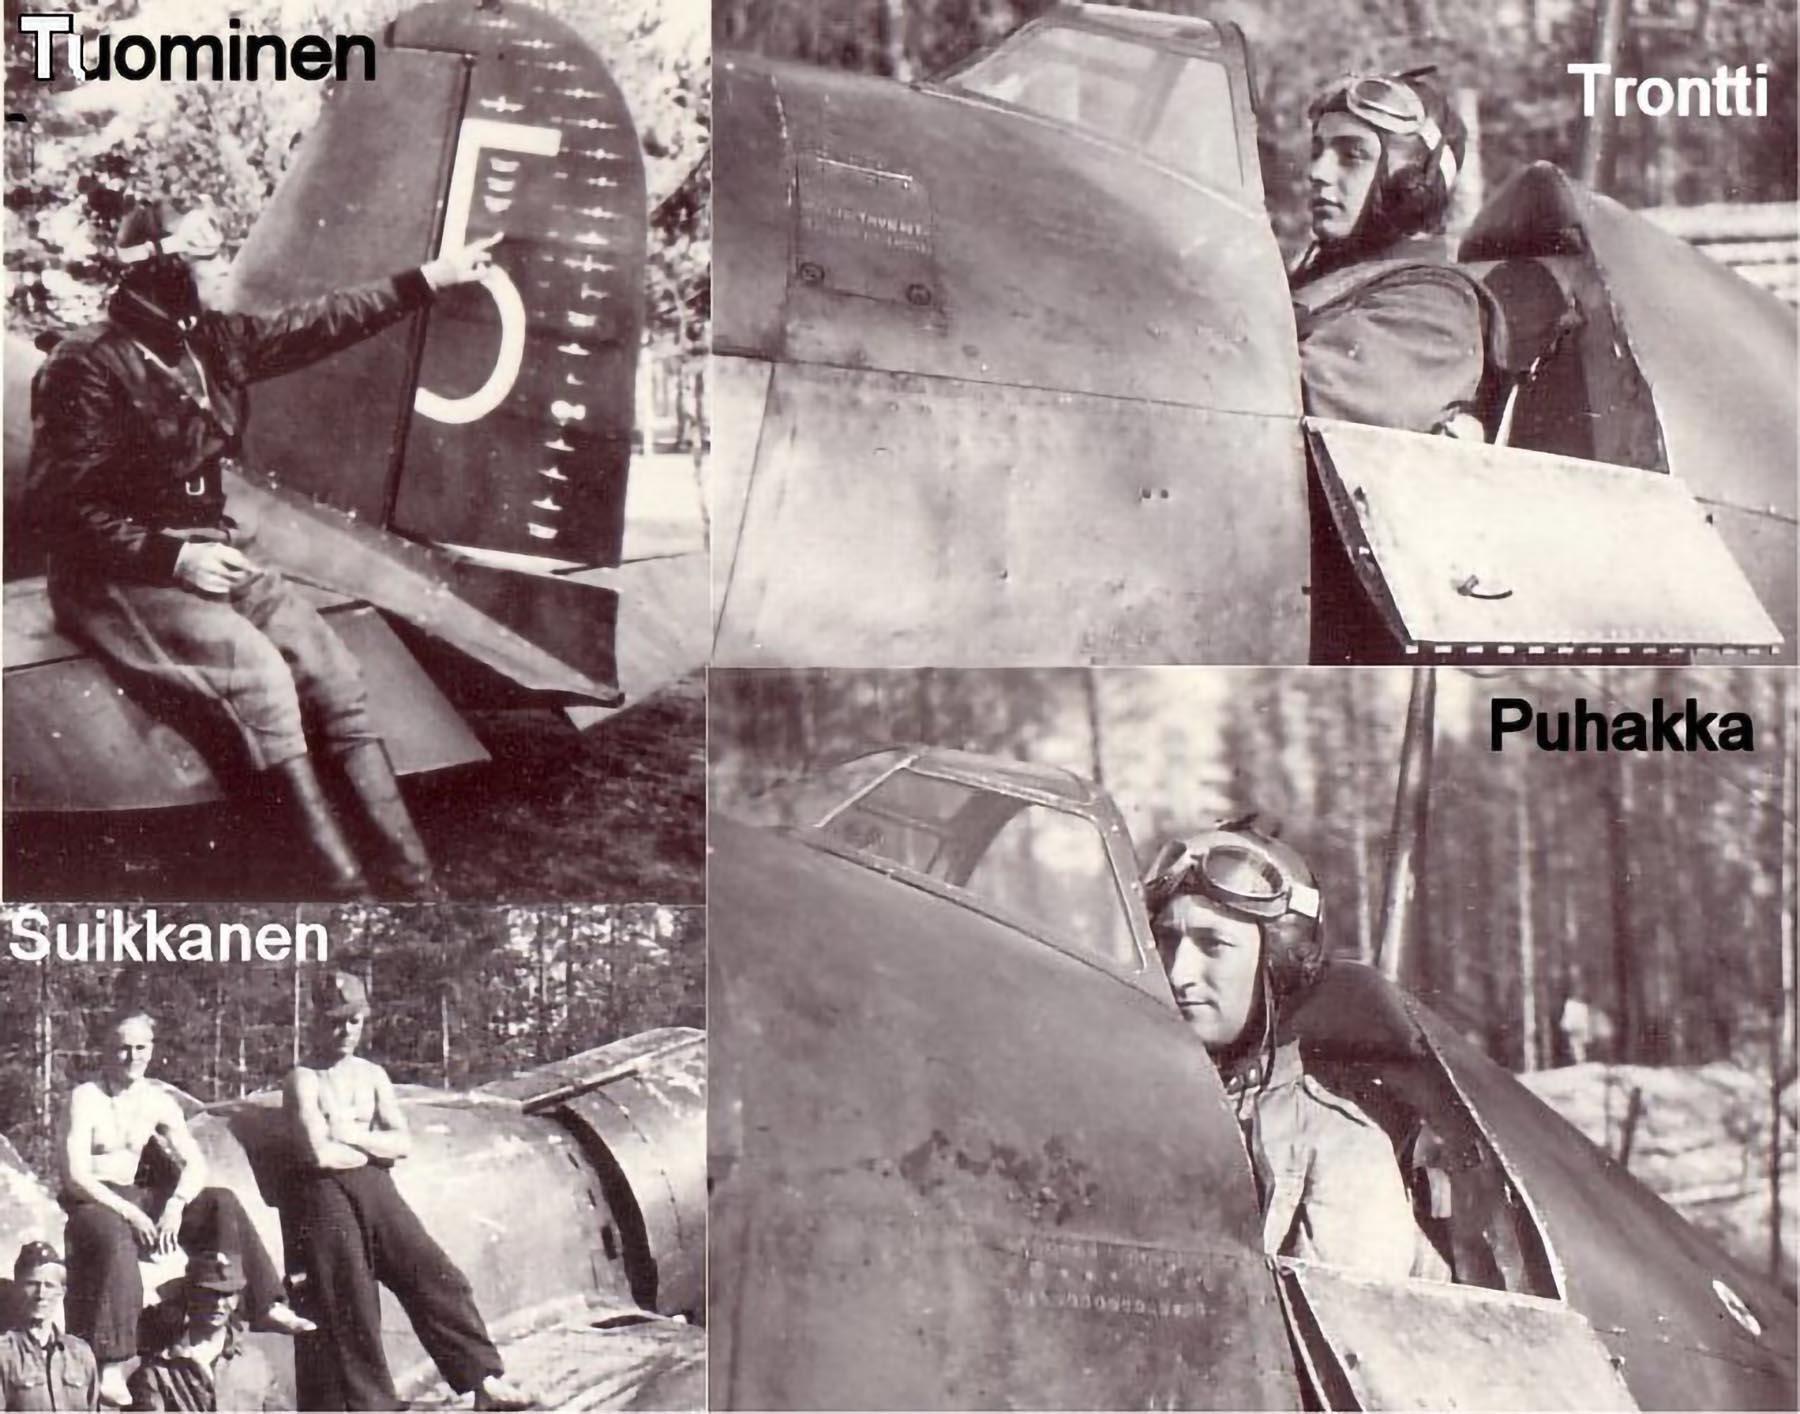 Aircrew FAF ace Lentomestari Tuominen Fiat G50 Freccia FAF 1.LeLv26 Finland 1941 01